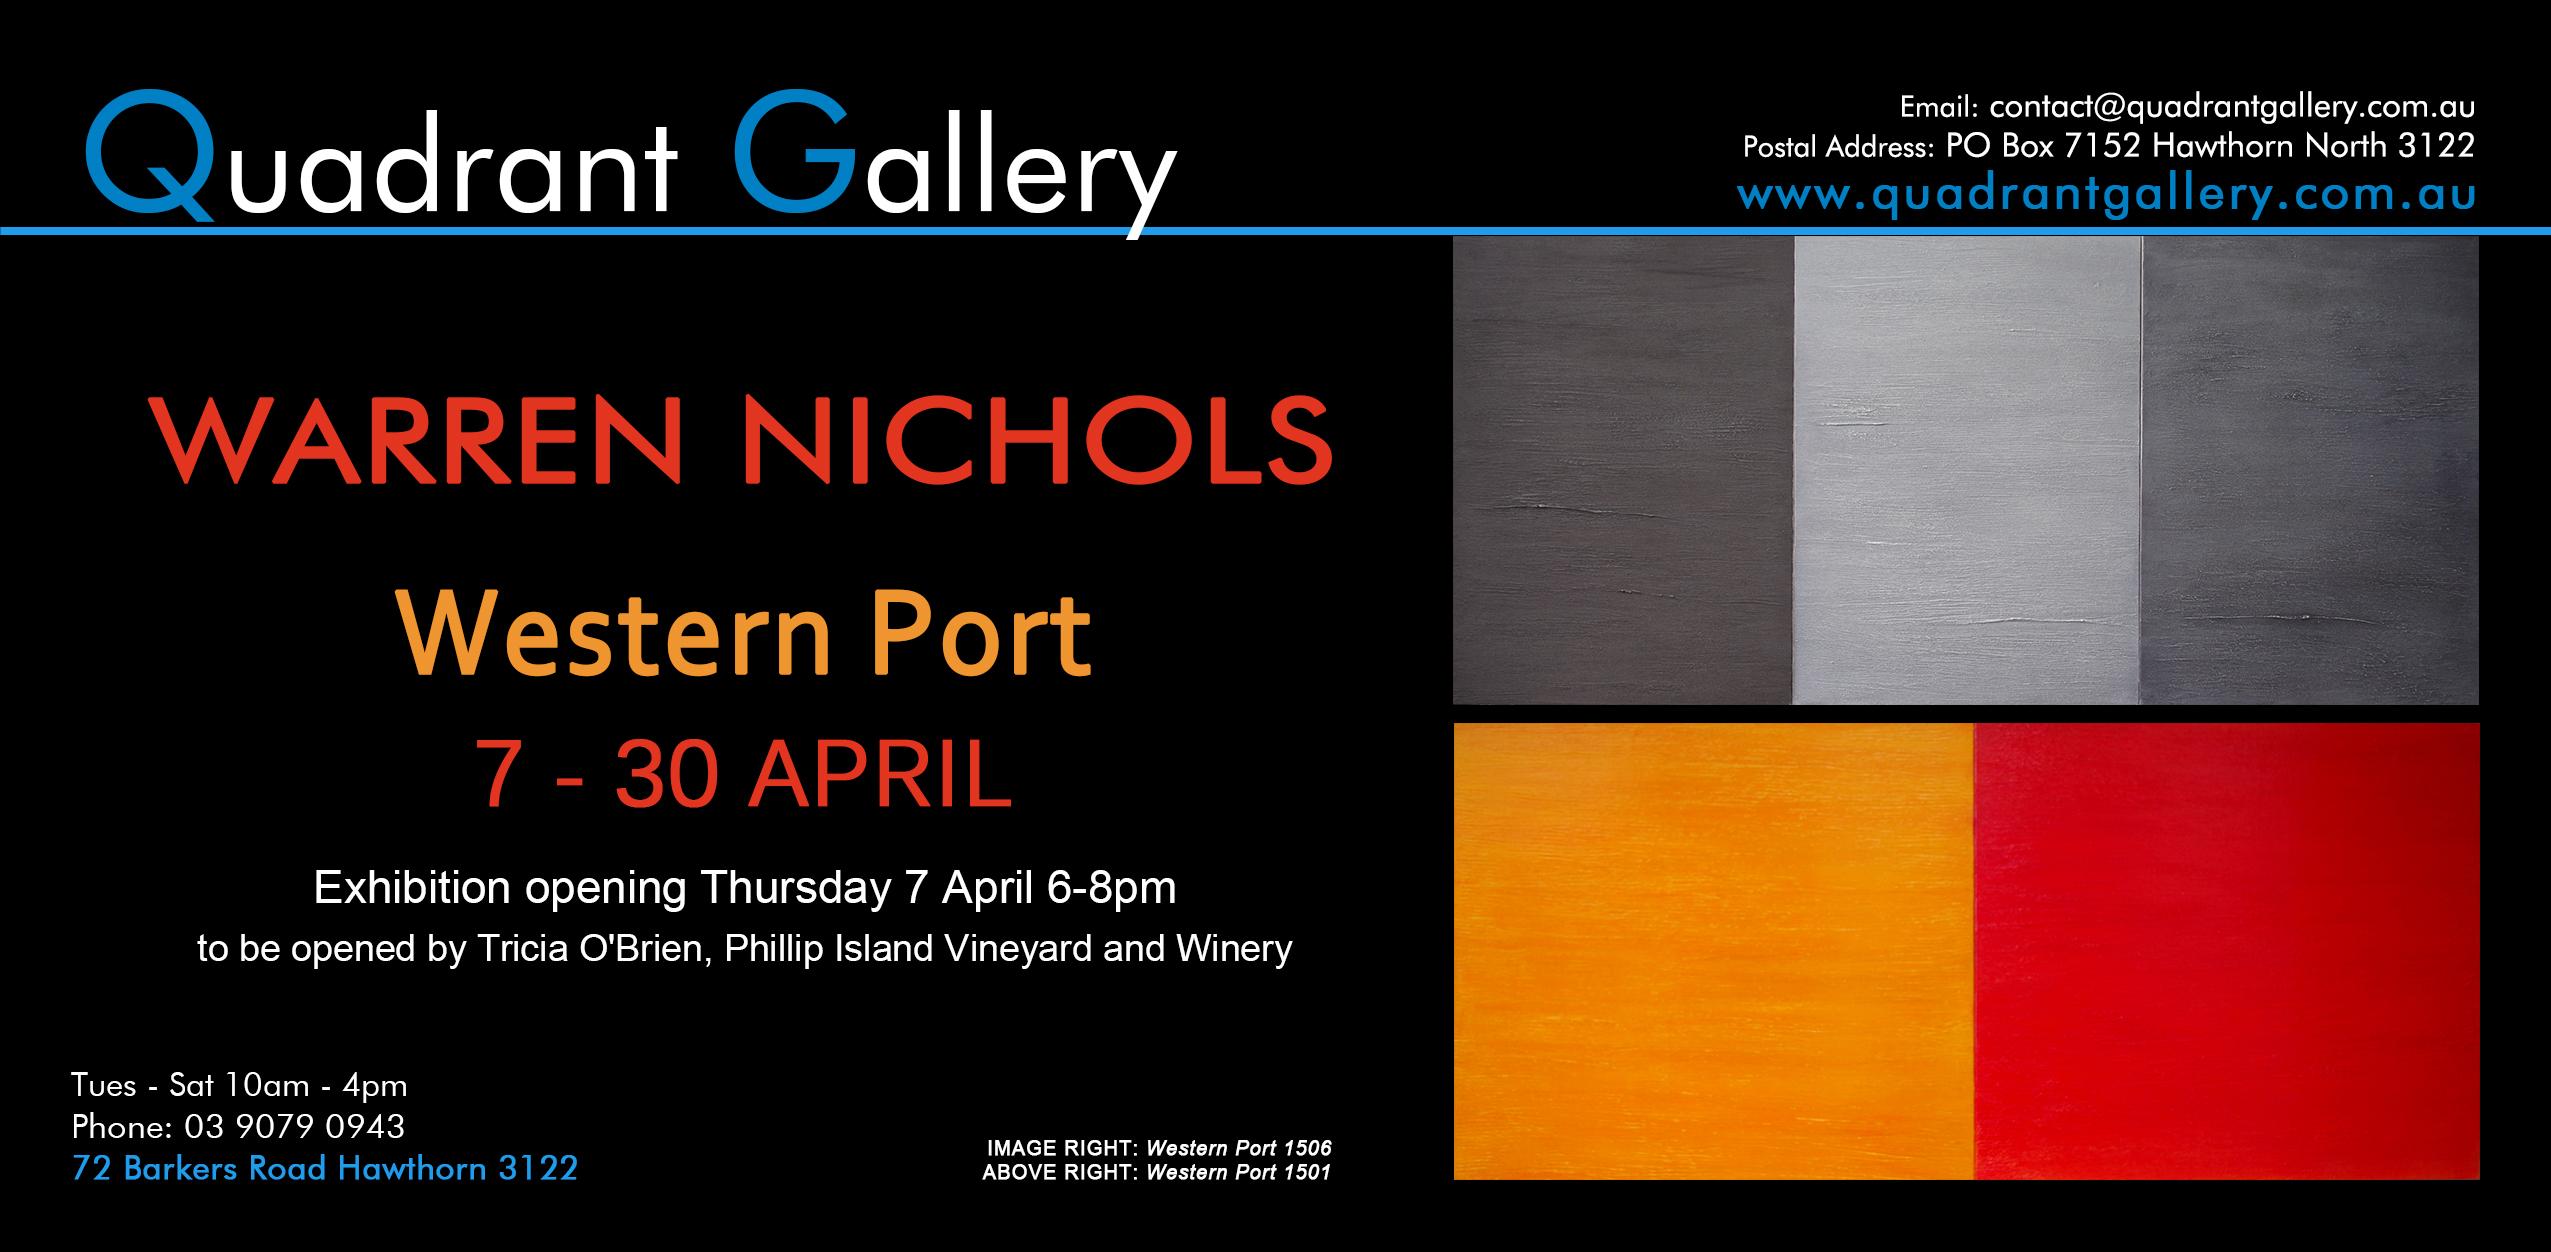 Exhibition Invitation_WARREN NICHOLS